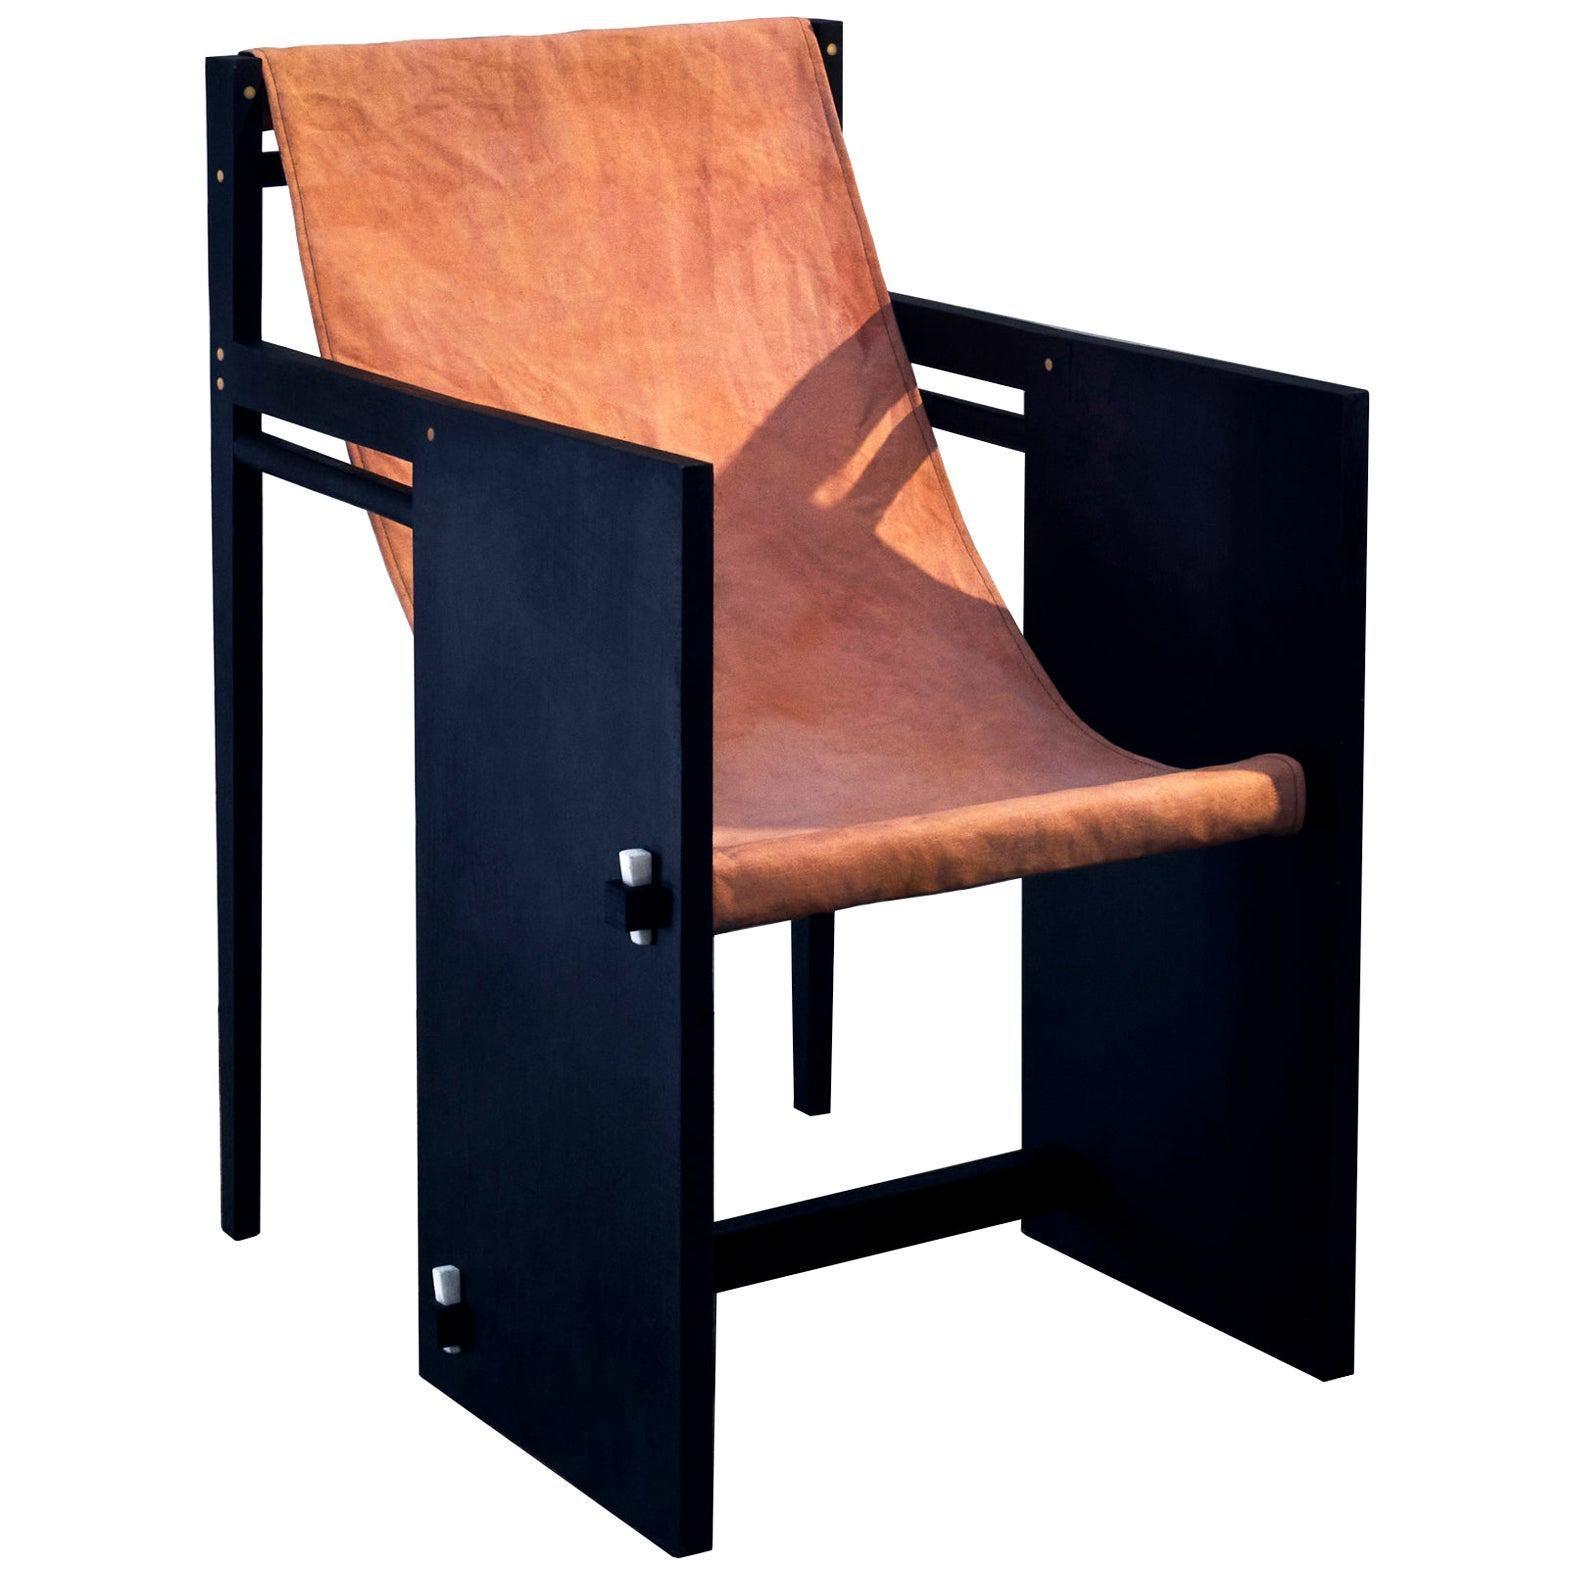 Matang Chair, a Dyed Wood and Cotton Armchair, by Matang and Natasha Sumant